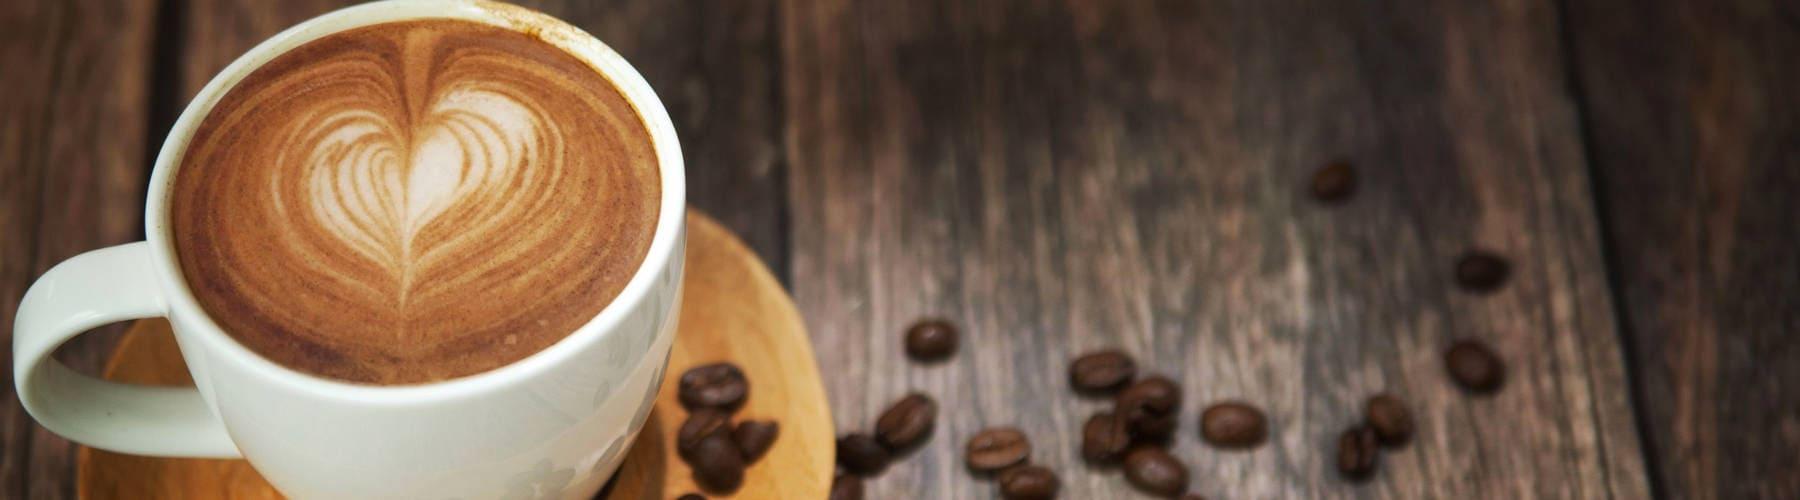 Cafe y cafeteras en capuchinox.com